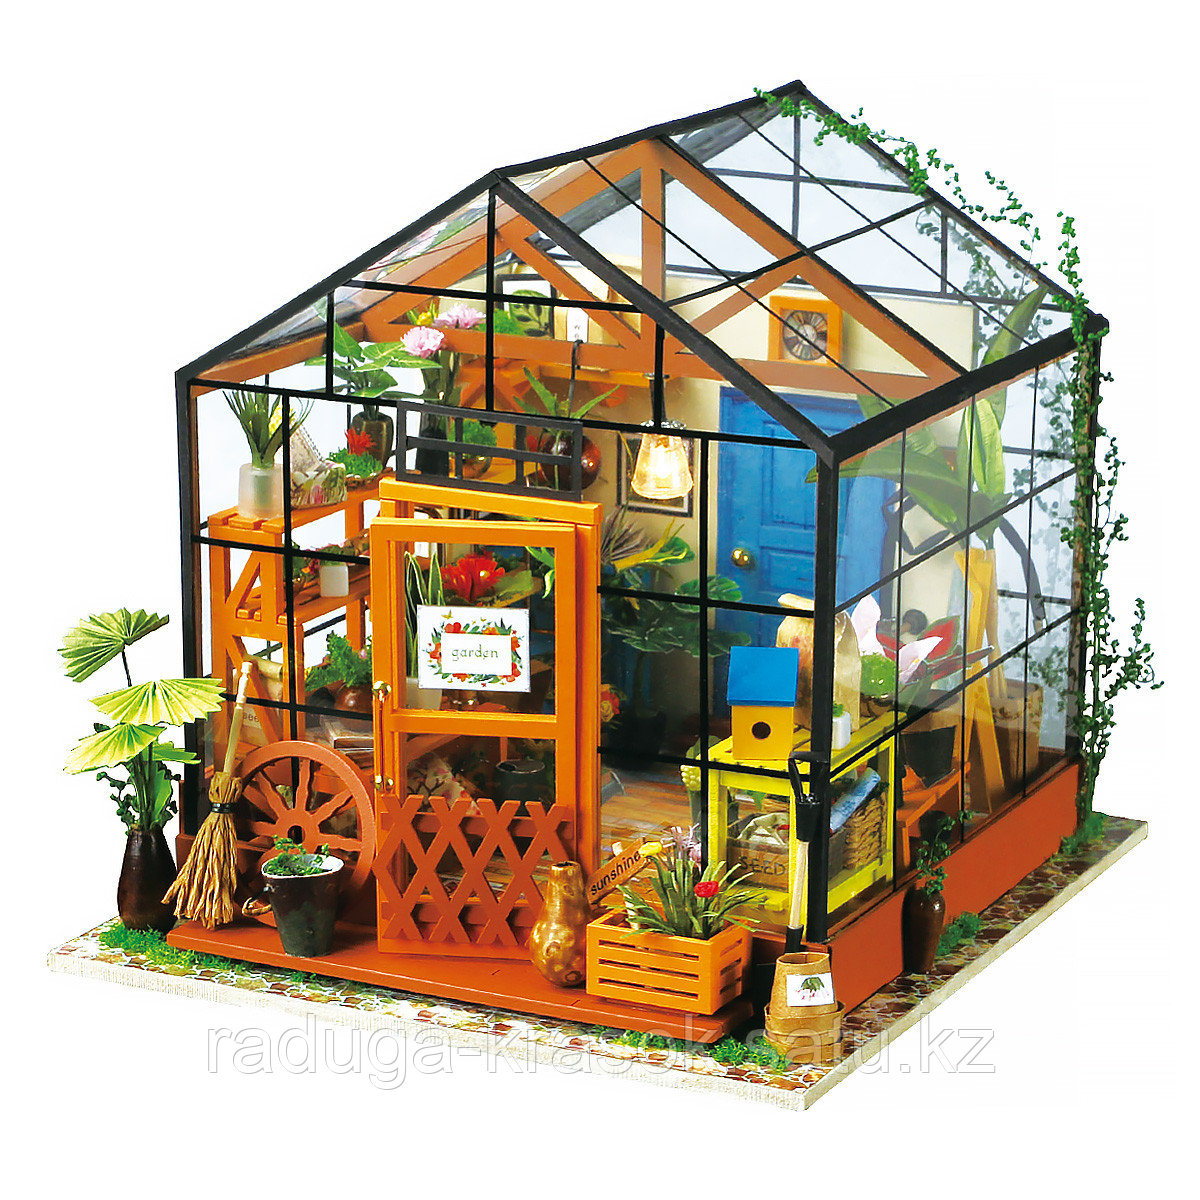 Развивающий интерьерный конструктор Diy House домик мисс Кэти (cобраный)